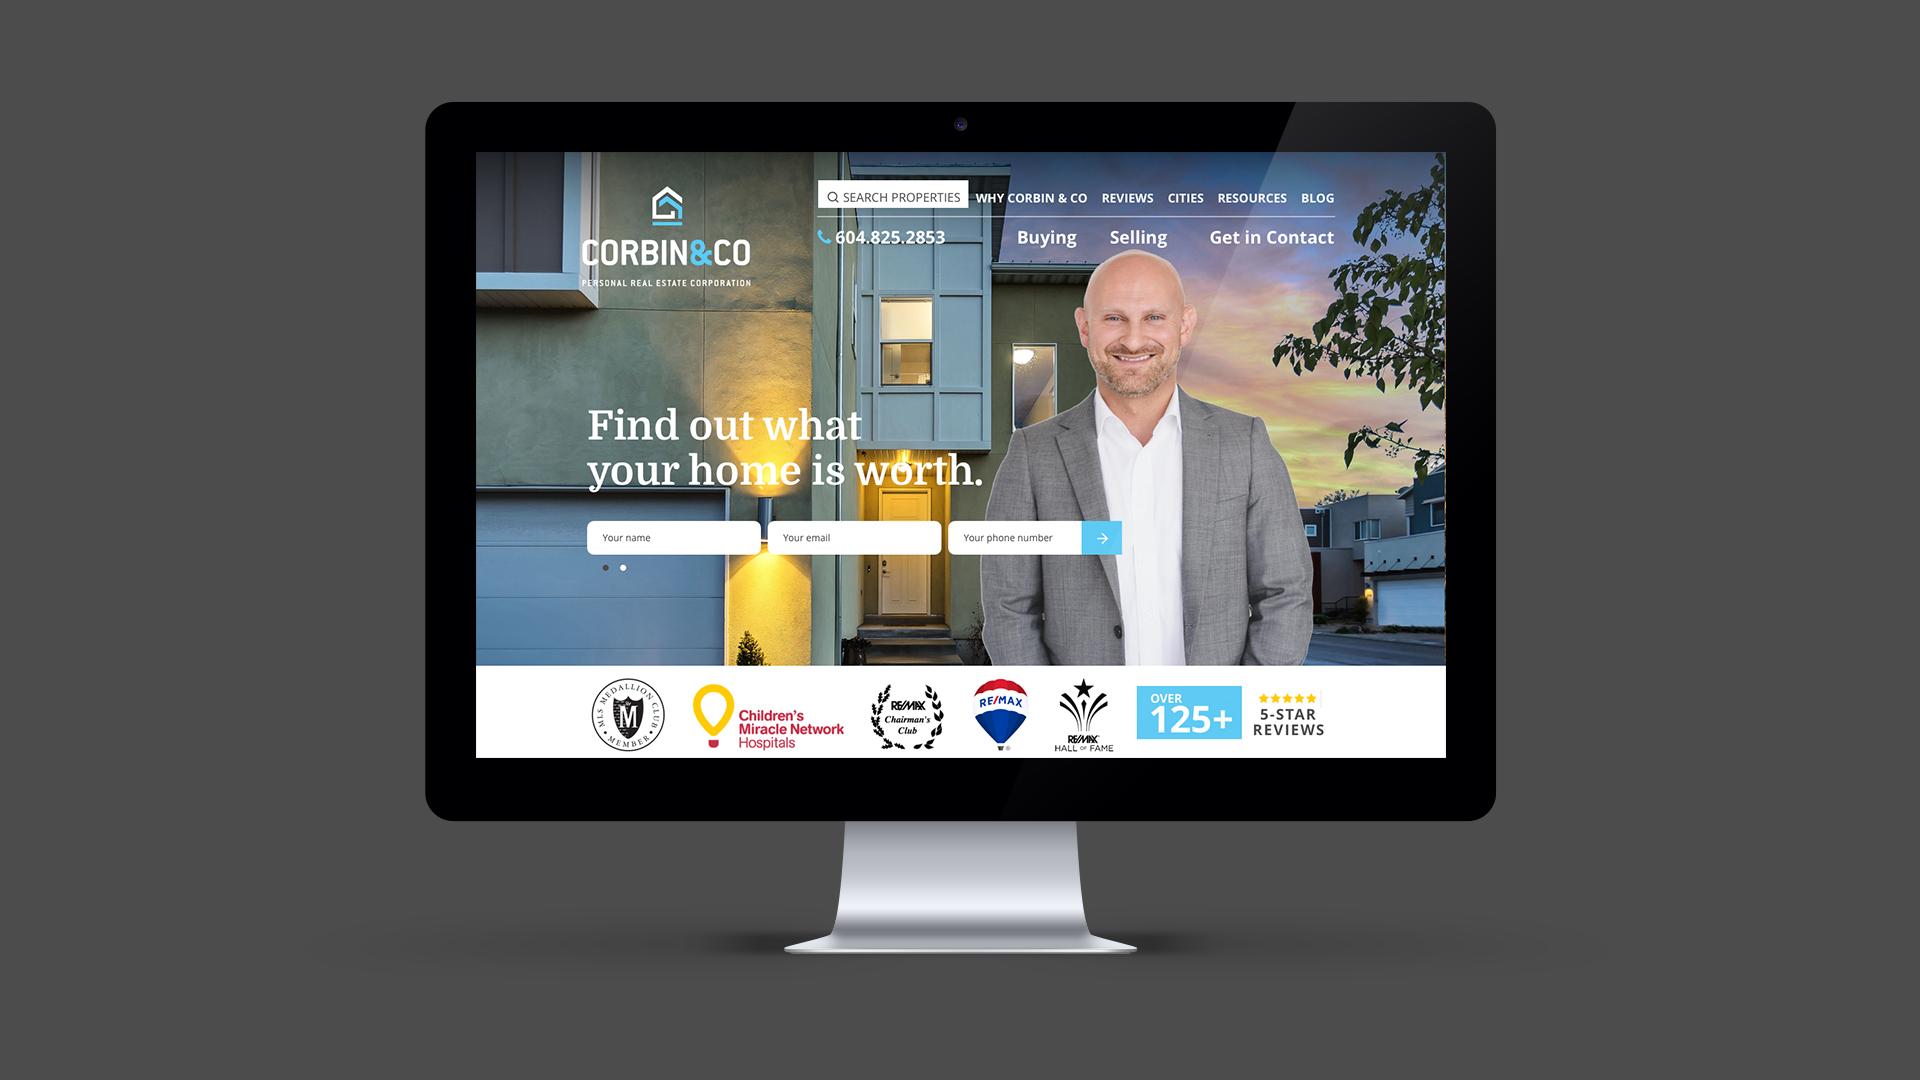 corbin - vancouver digital agency